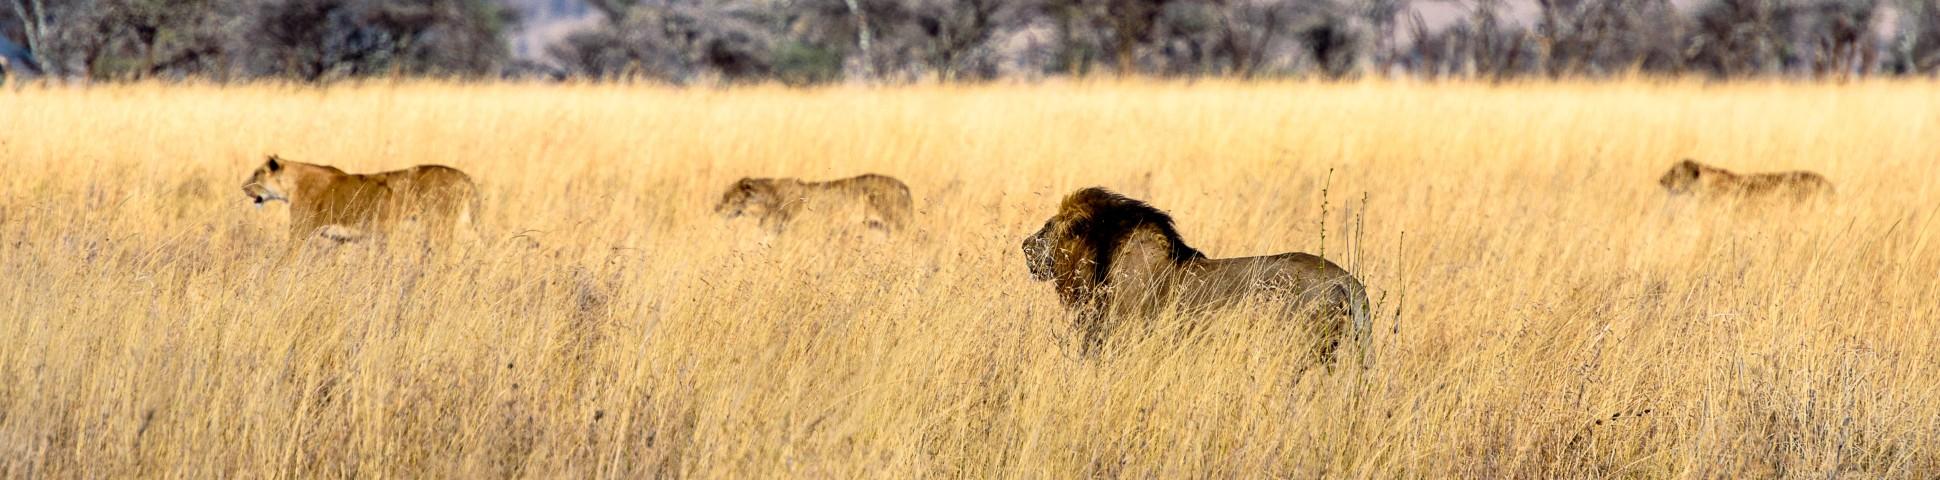 Serengeti in Tanzania